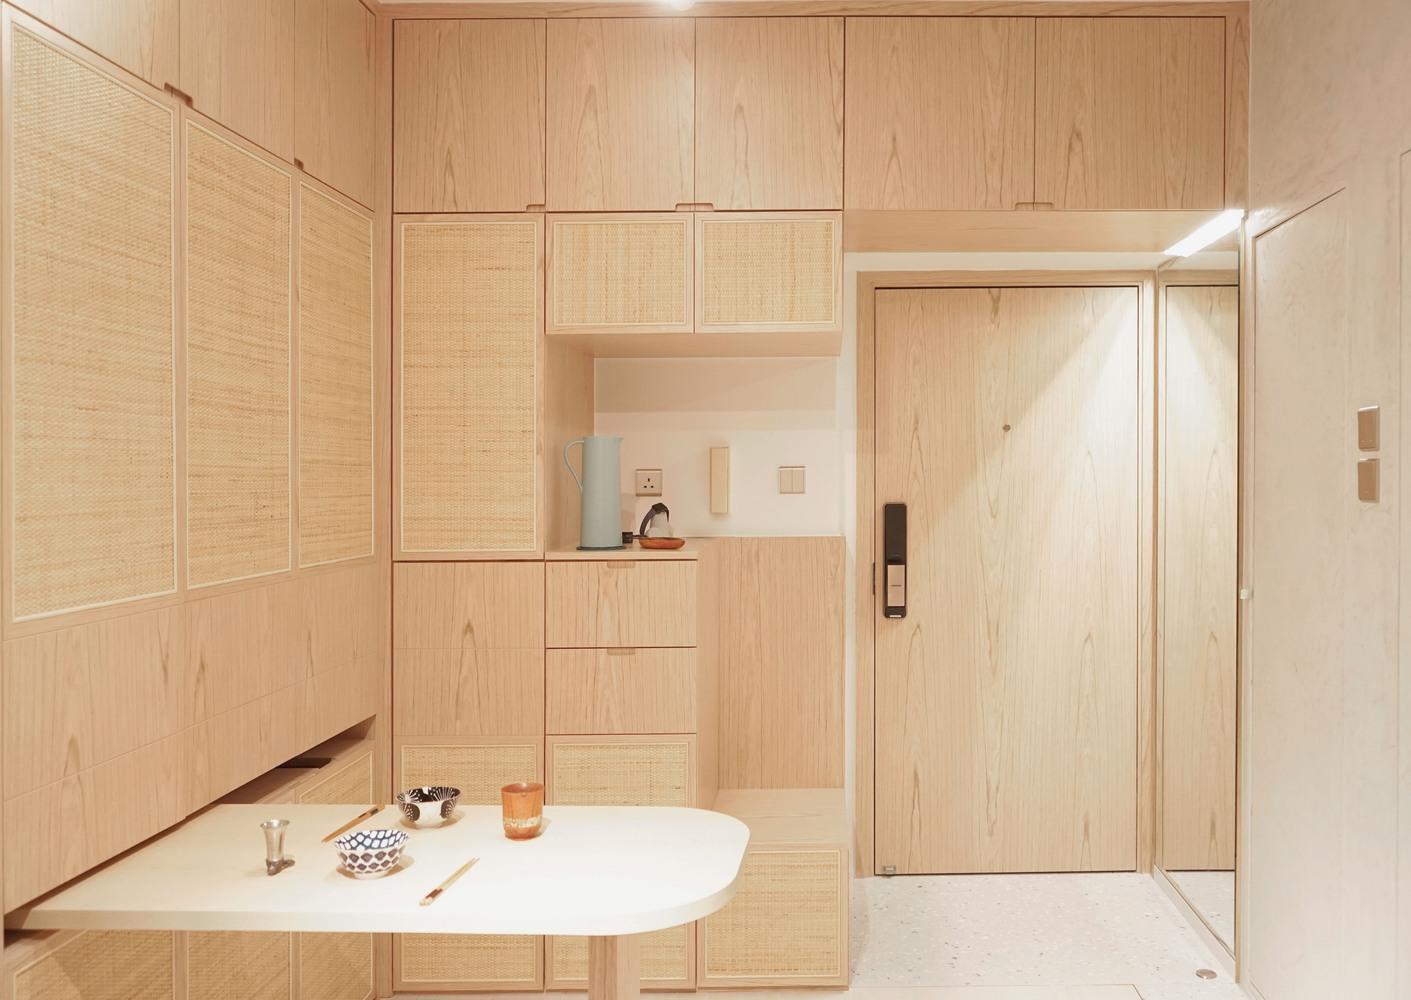 Cozinha em madeira clara e modular. Mesa retrátil branca.